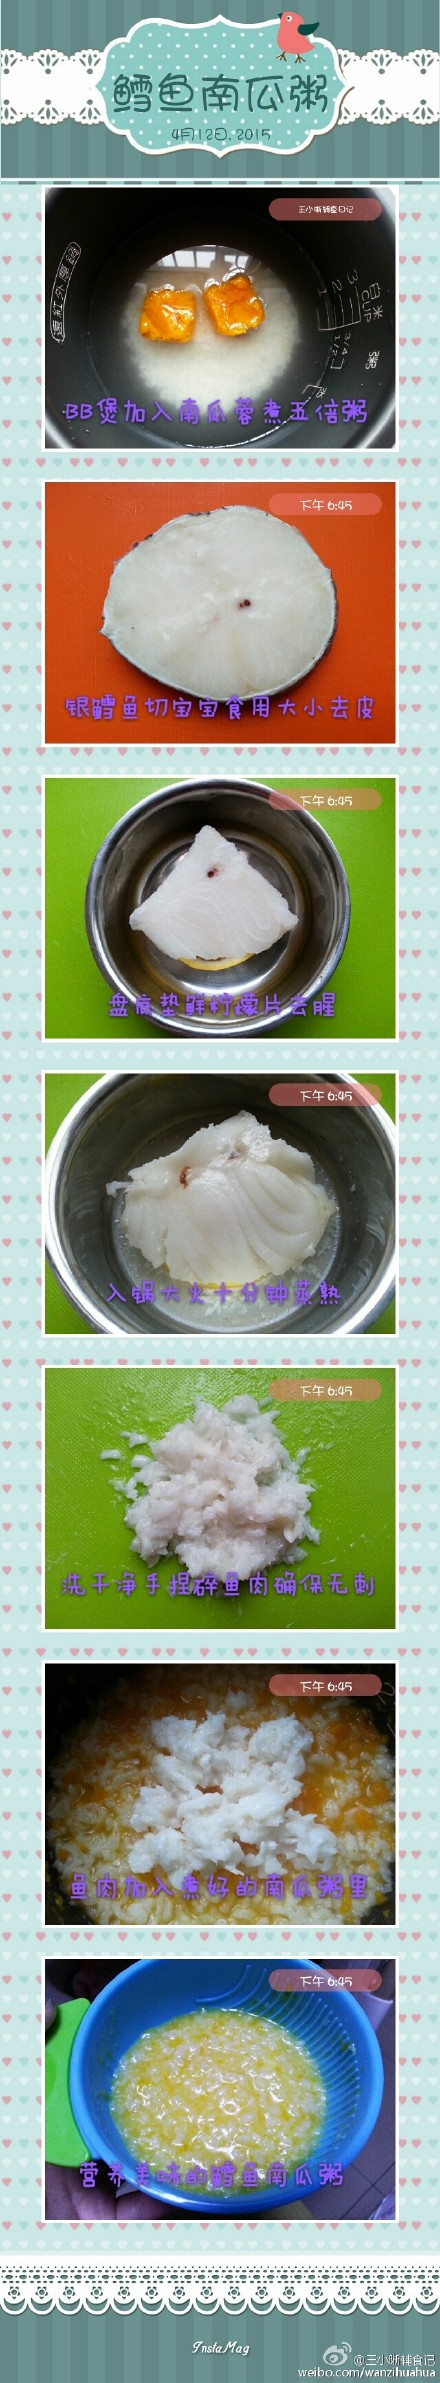 鳕鱼南瓜粥适合8个月以上的宝宝,也可以加入其它蔬菜哦~